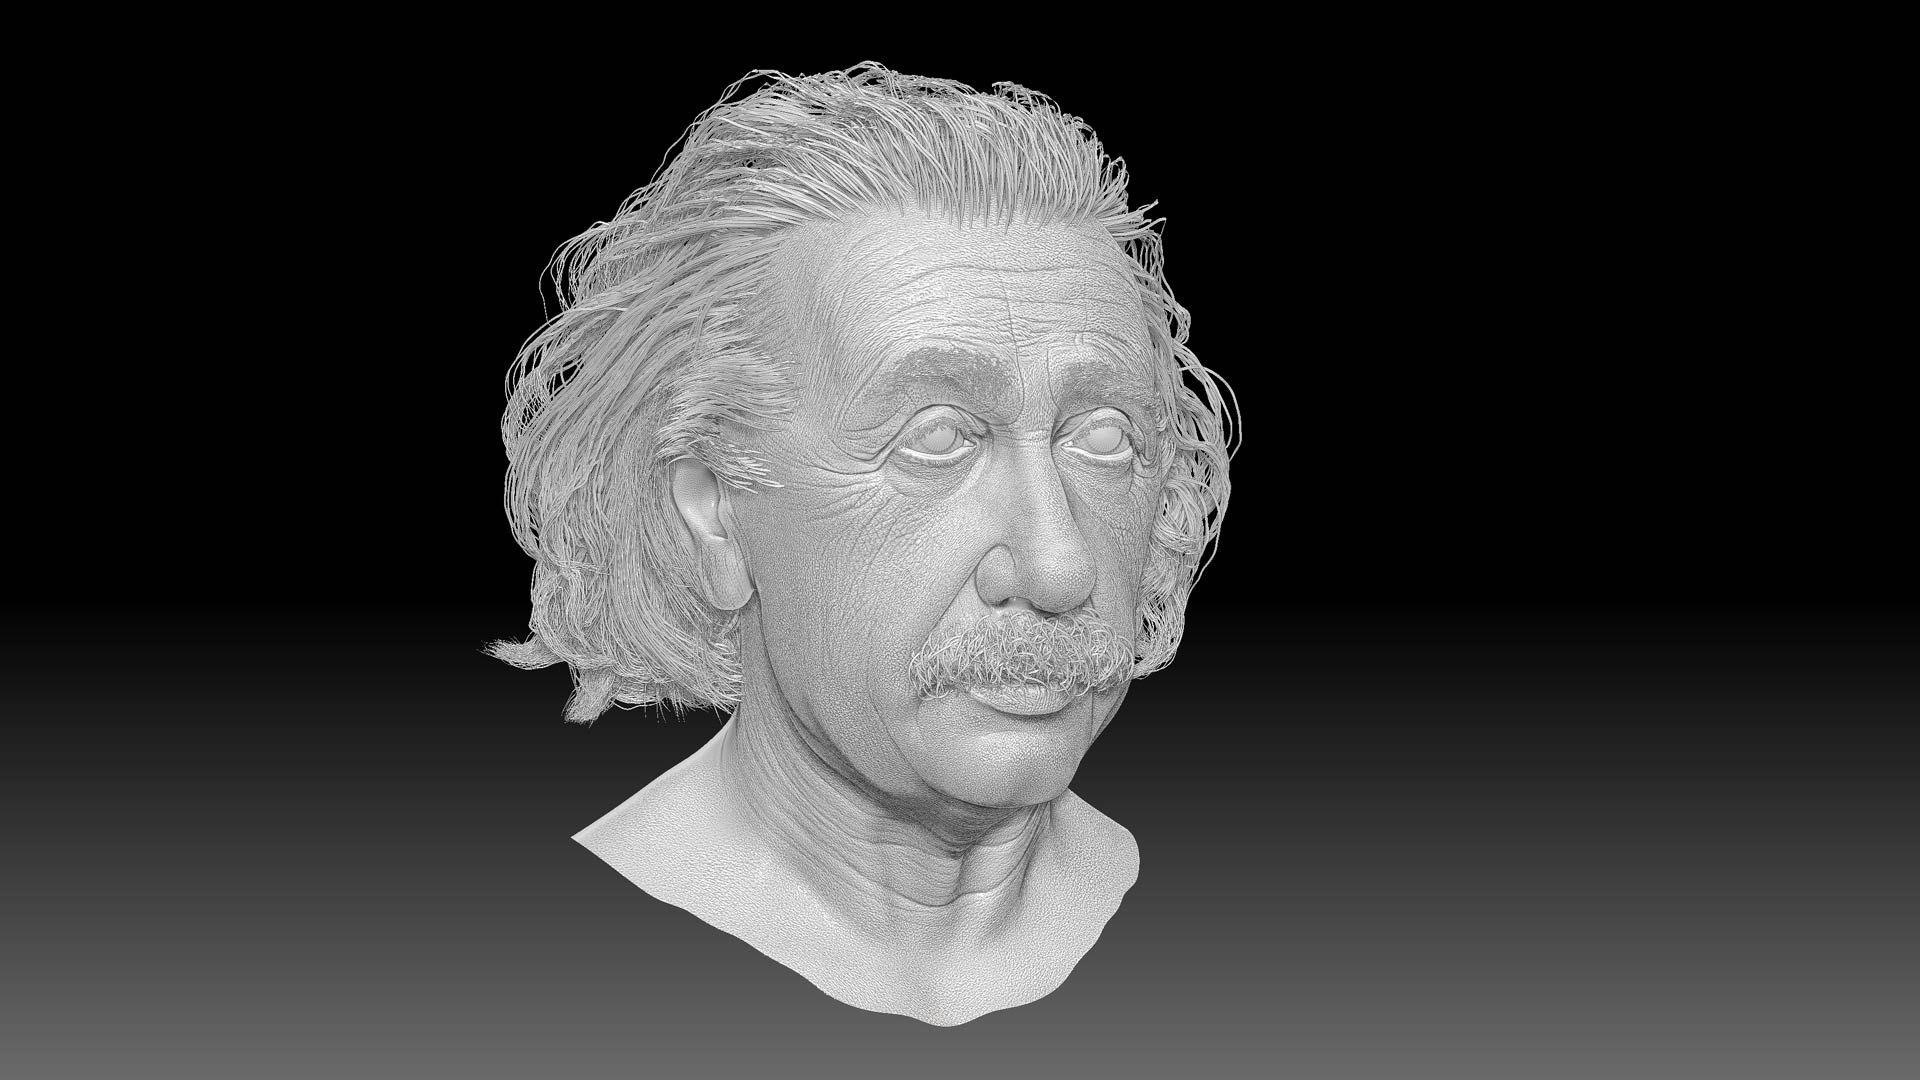 albert_einstein_zbrush_sculpting_model_head_character_wrincles Albert Einstein 3D Porträt für ein Hologram